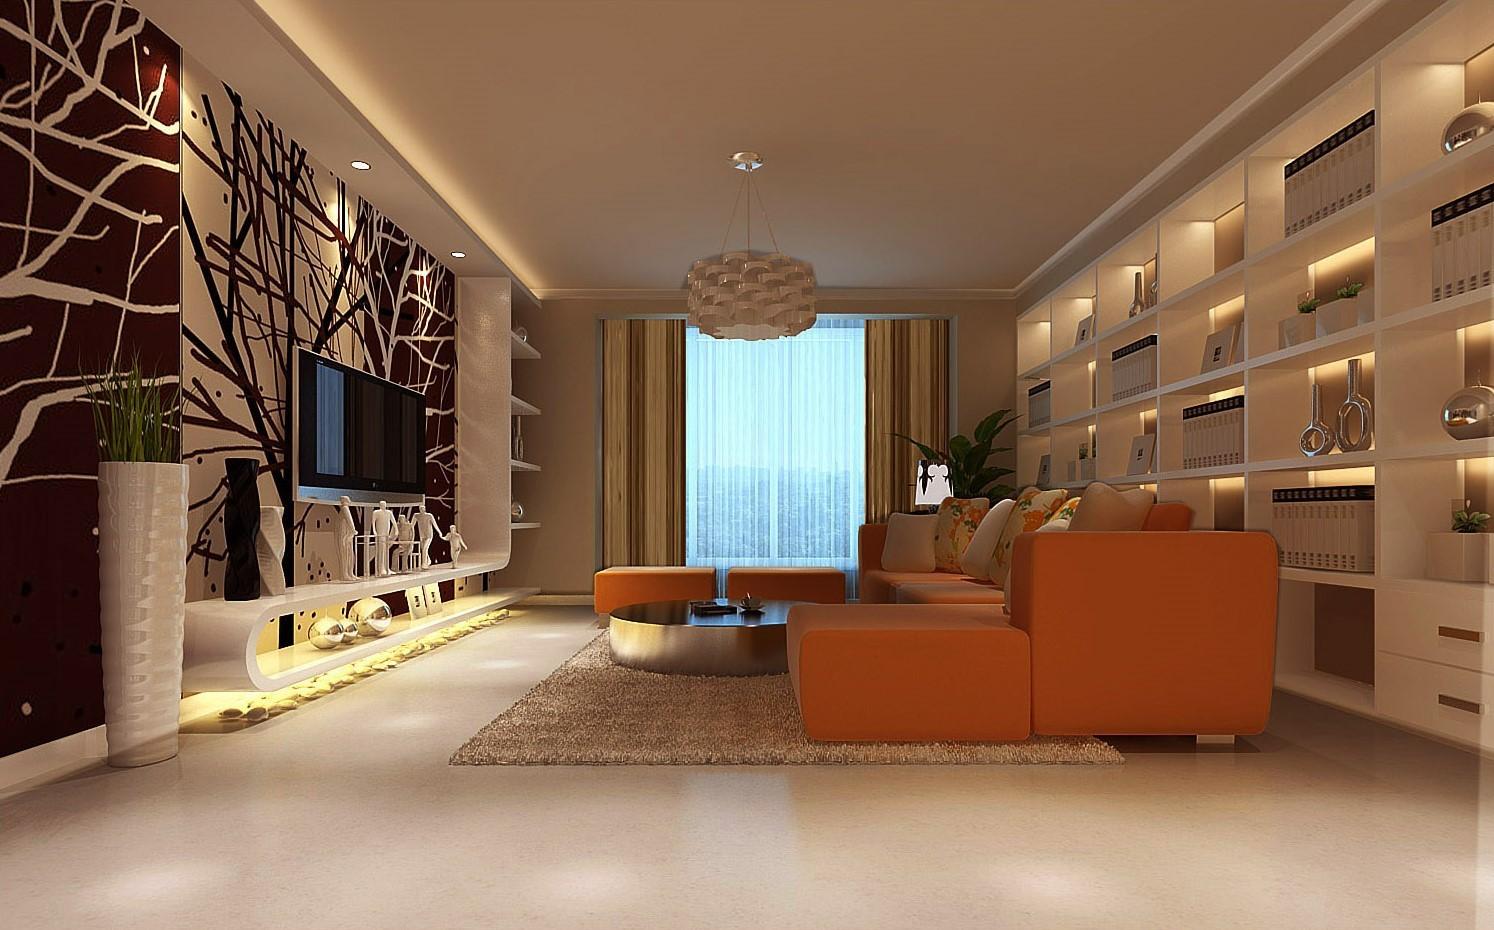 现代简约风格三居室装修案例,108平米的房子装修多少钱?-新力铂园装修